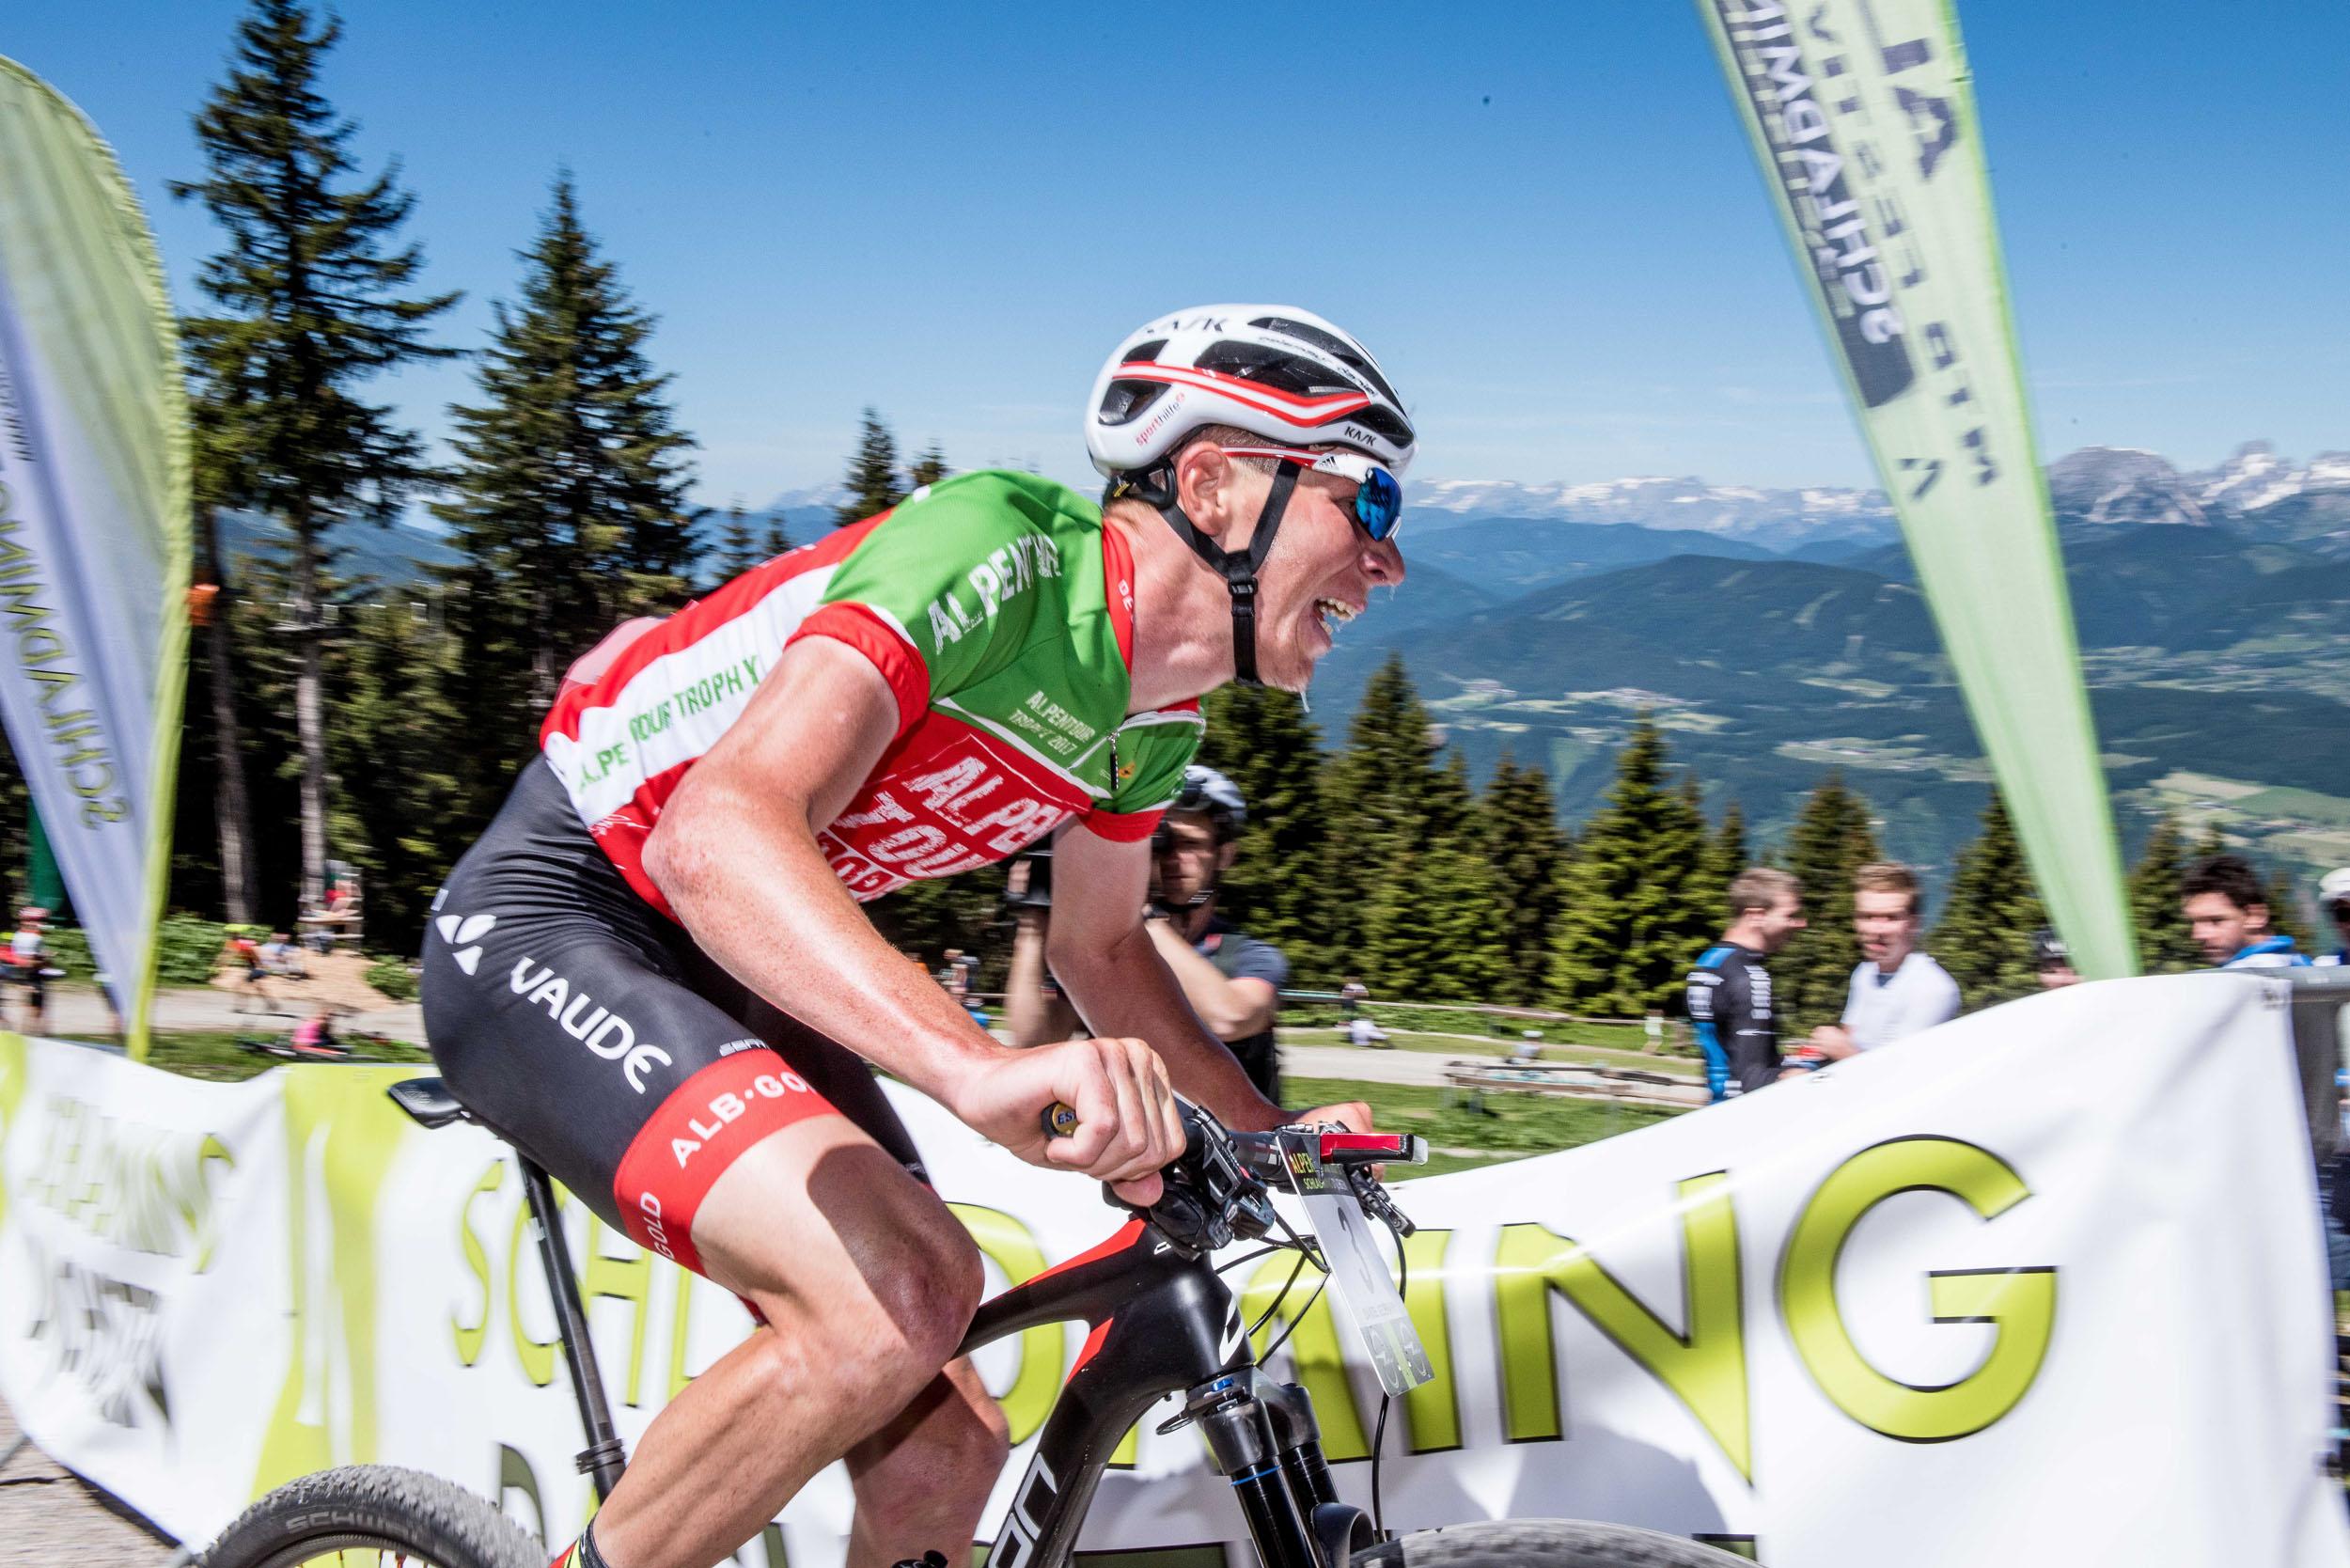 Daniel Geismayr Sekunden vor seinem Gesamtsieg.